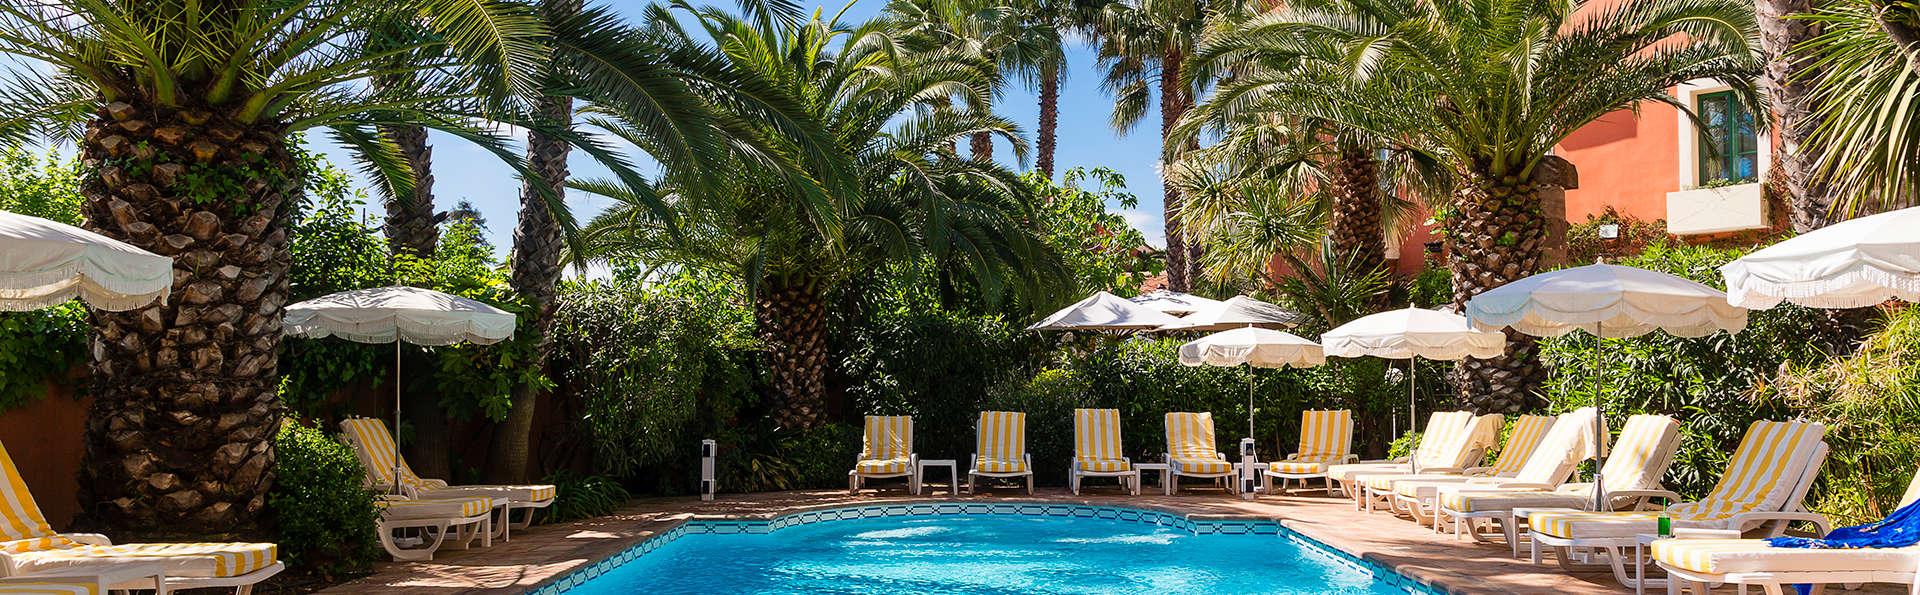 Hôtel l'Aréna - EDIT_pool2.jpg